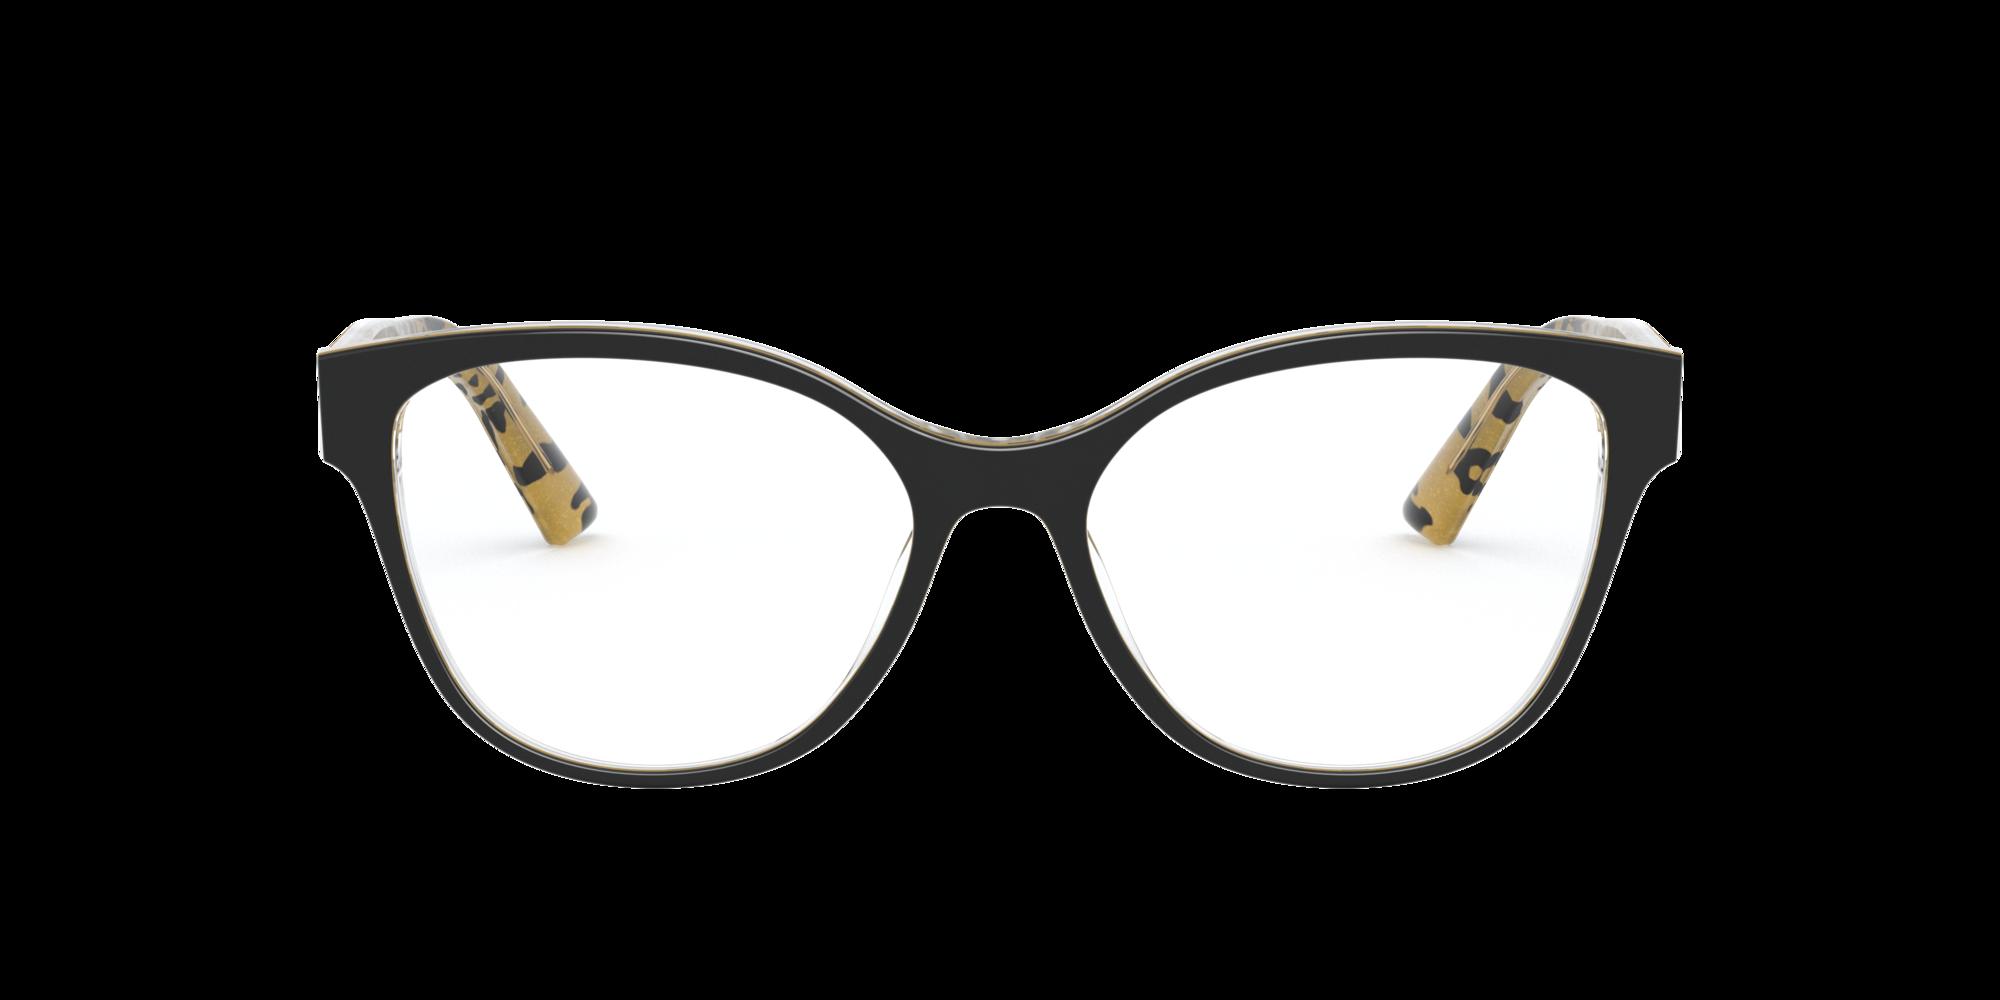 Imagen para DG3322 de LensCrafters |  Espejuelos, espejuelos graduados en línea, gafas